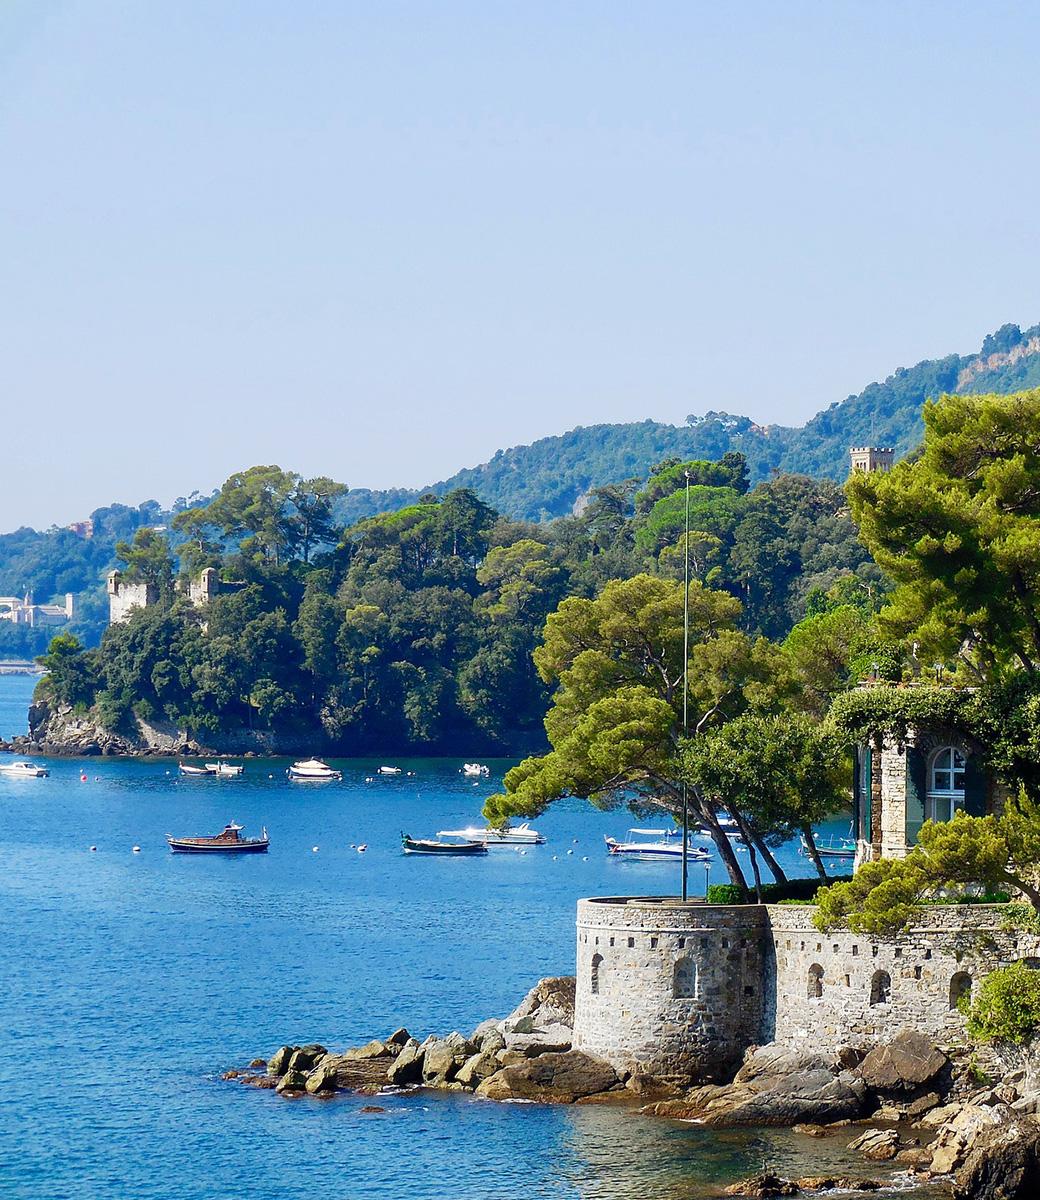 Escursioni - Giro del Golfo, Charter Portofino - Noleggio Charter Portofino